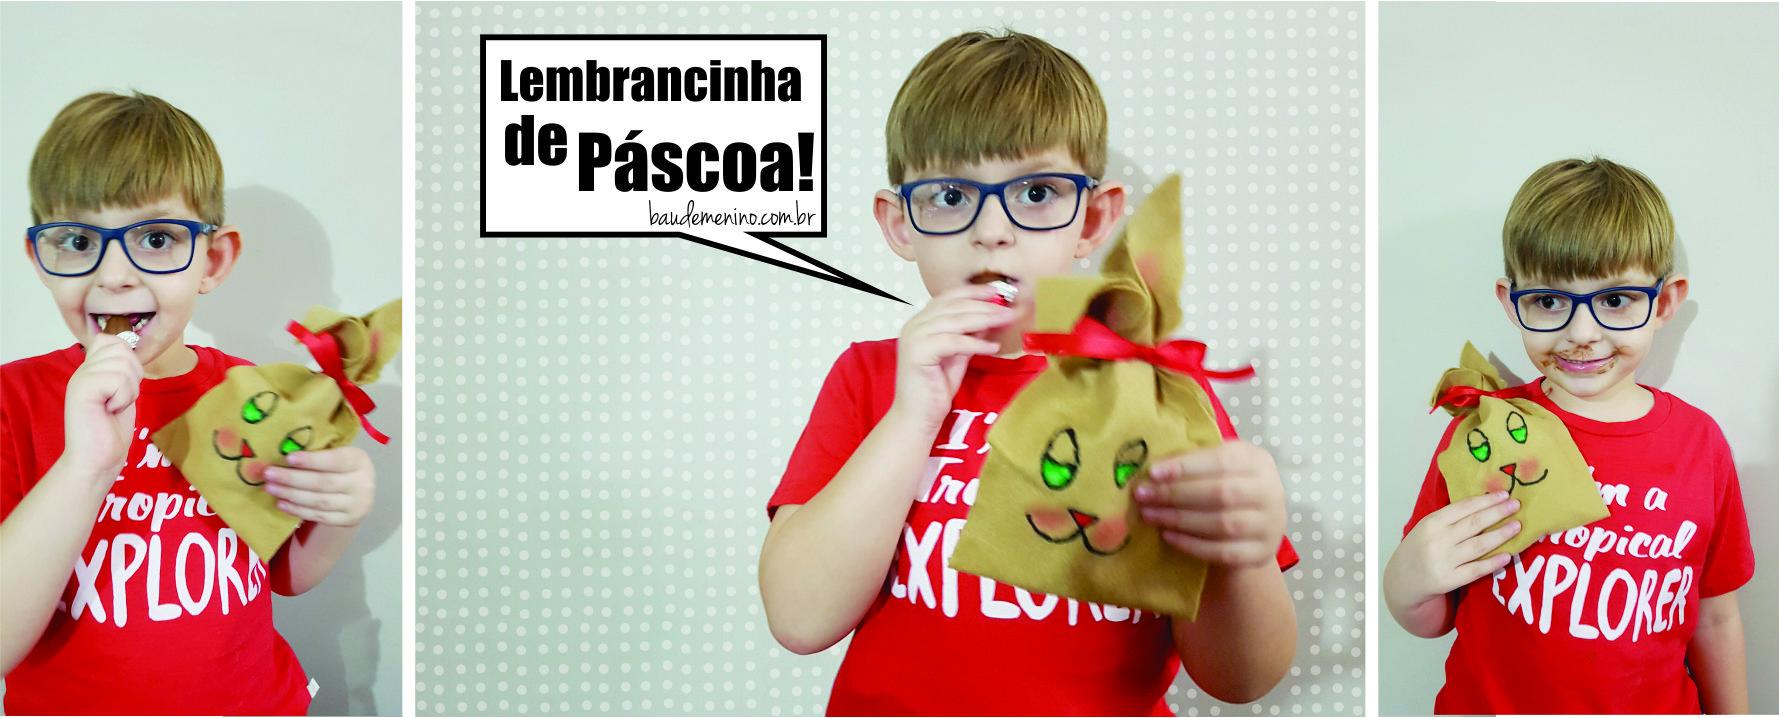 Saquinho Coelho Lembrancinha de Páscoa